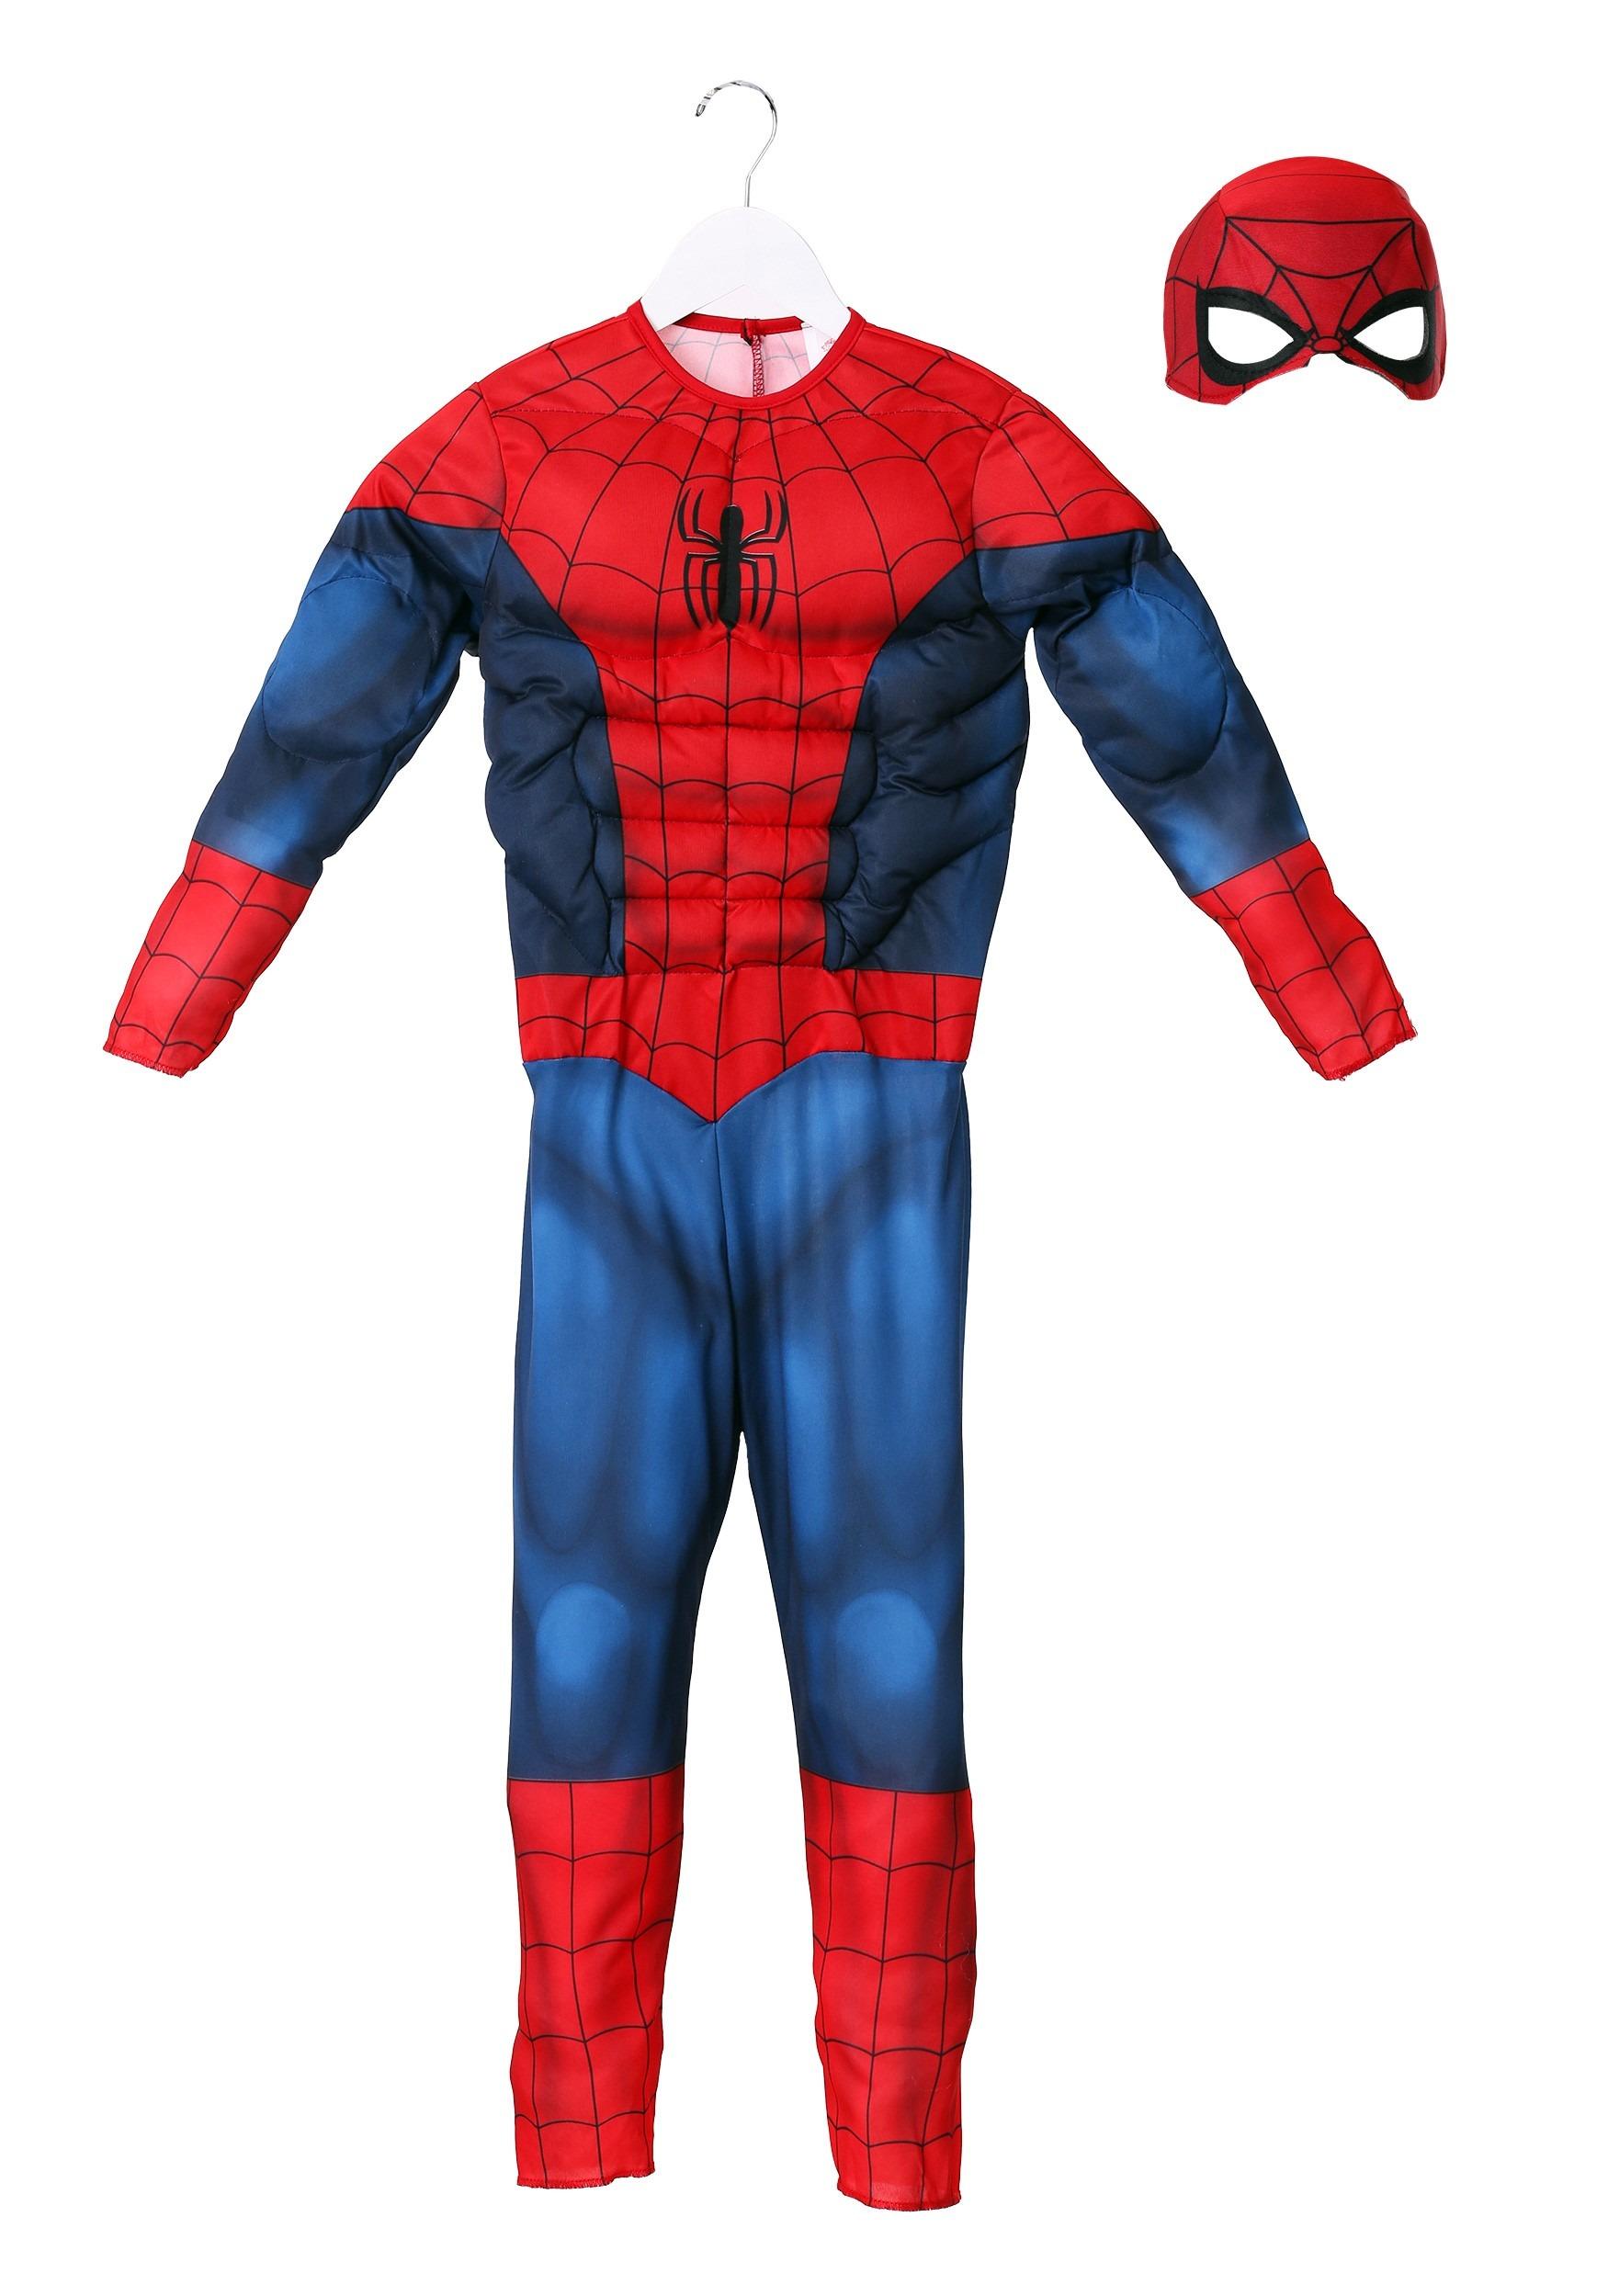 08356a840d02 Marvel Spider-Man Toddler Costume